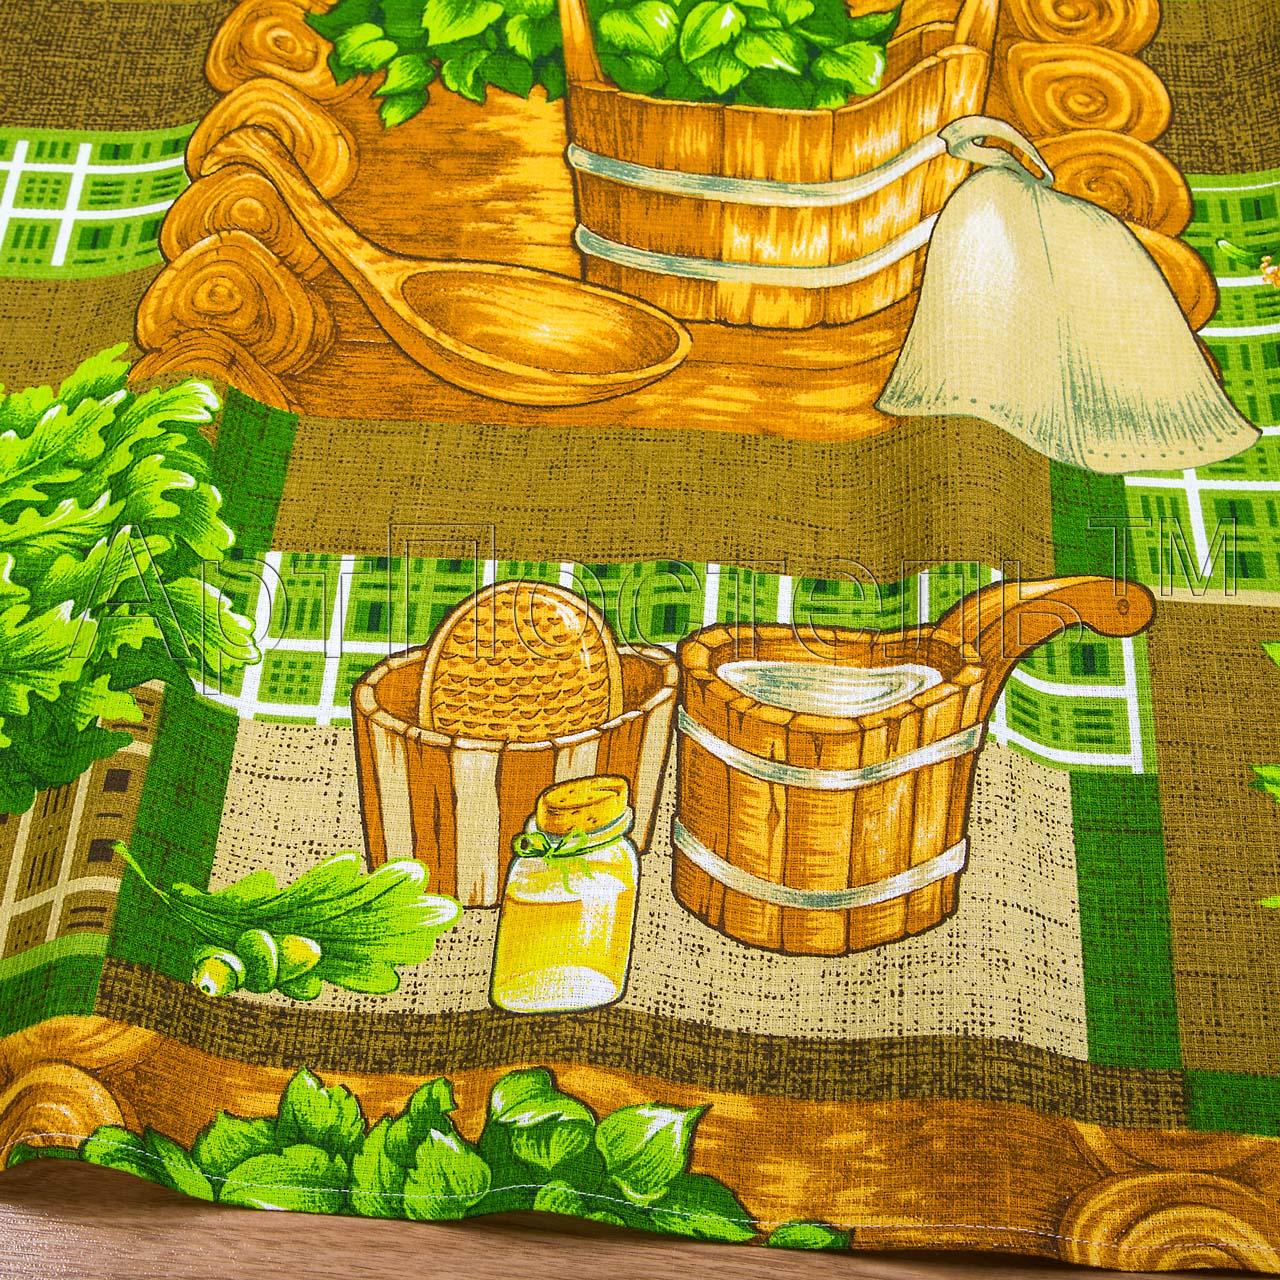 Вафельное полотенце Банька р. 80х150Вафельные полотенца<br>Плотность: 160 г/кв. м<br><br>Тип: Вафельное полотенце<br>Размер: 80х150<br>Материал: Вафельное полотно